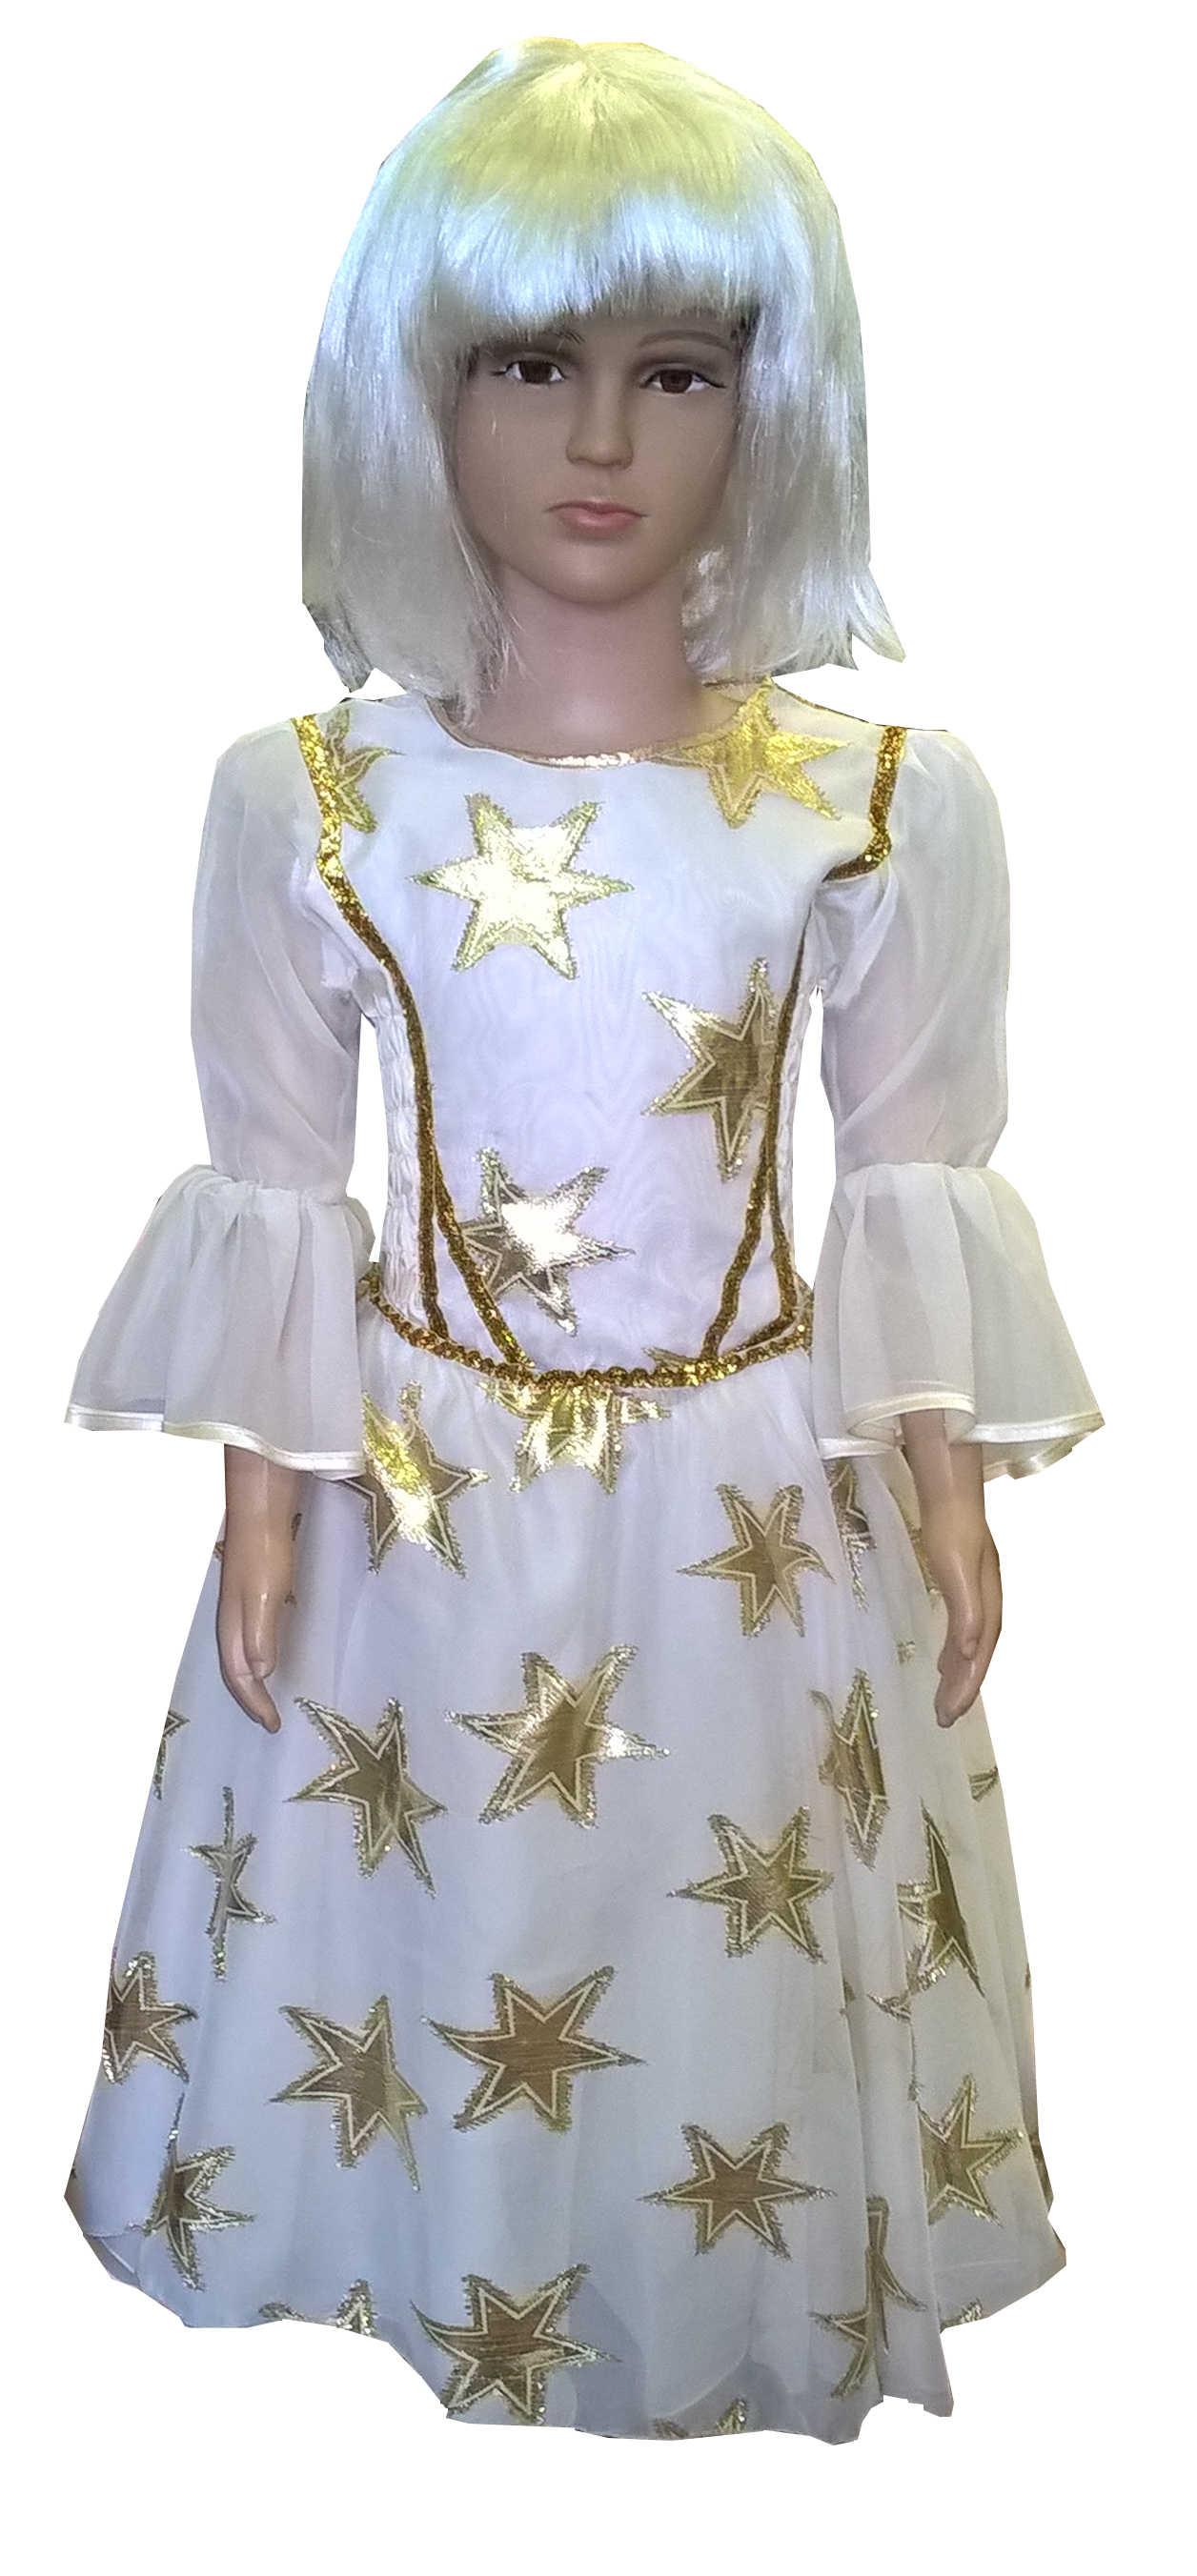 Žvaigždės kostiumas. костюм звесди. Žvaigždelės kostiumas. Karnavaliniu kostiumu nuoma vaikams Vilniuje - pasakunamai.lt